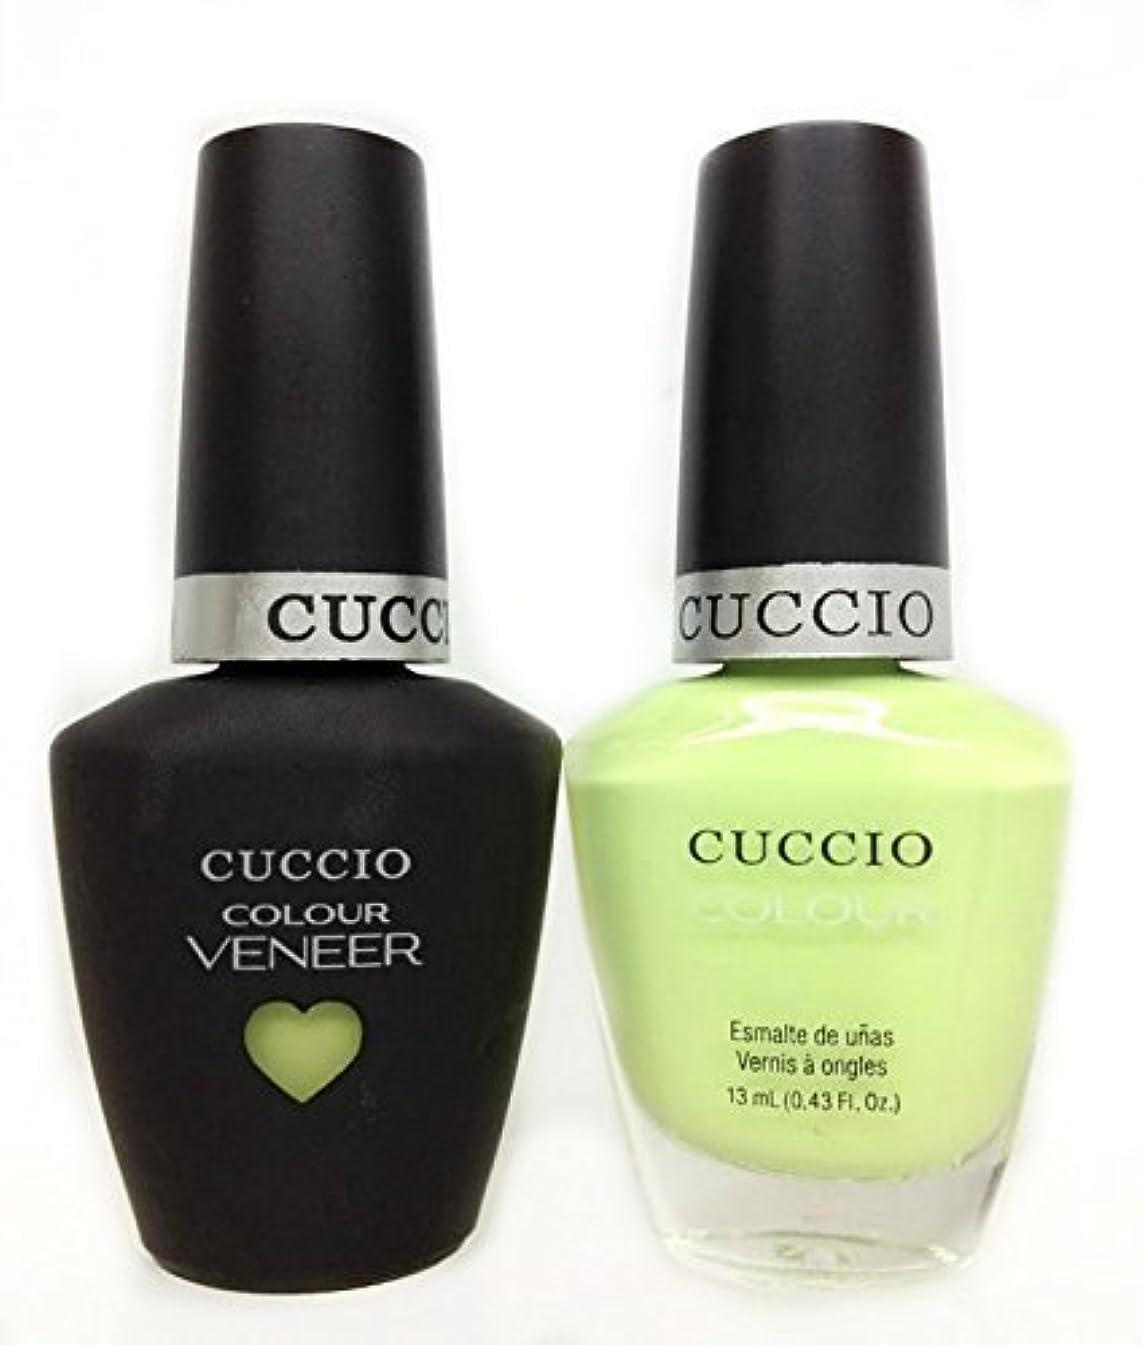 歩き回るつぼみ重力Cuccio MatchMakers Veneer & Lacquer - In the Key of Lime - 0.43oz / 13ml Each